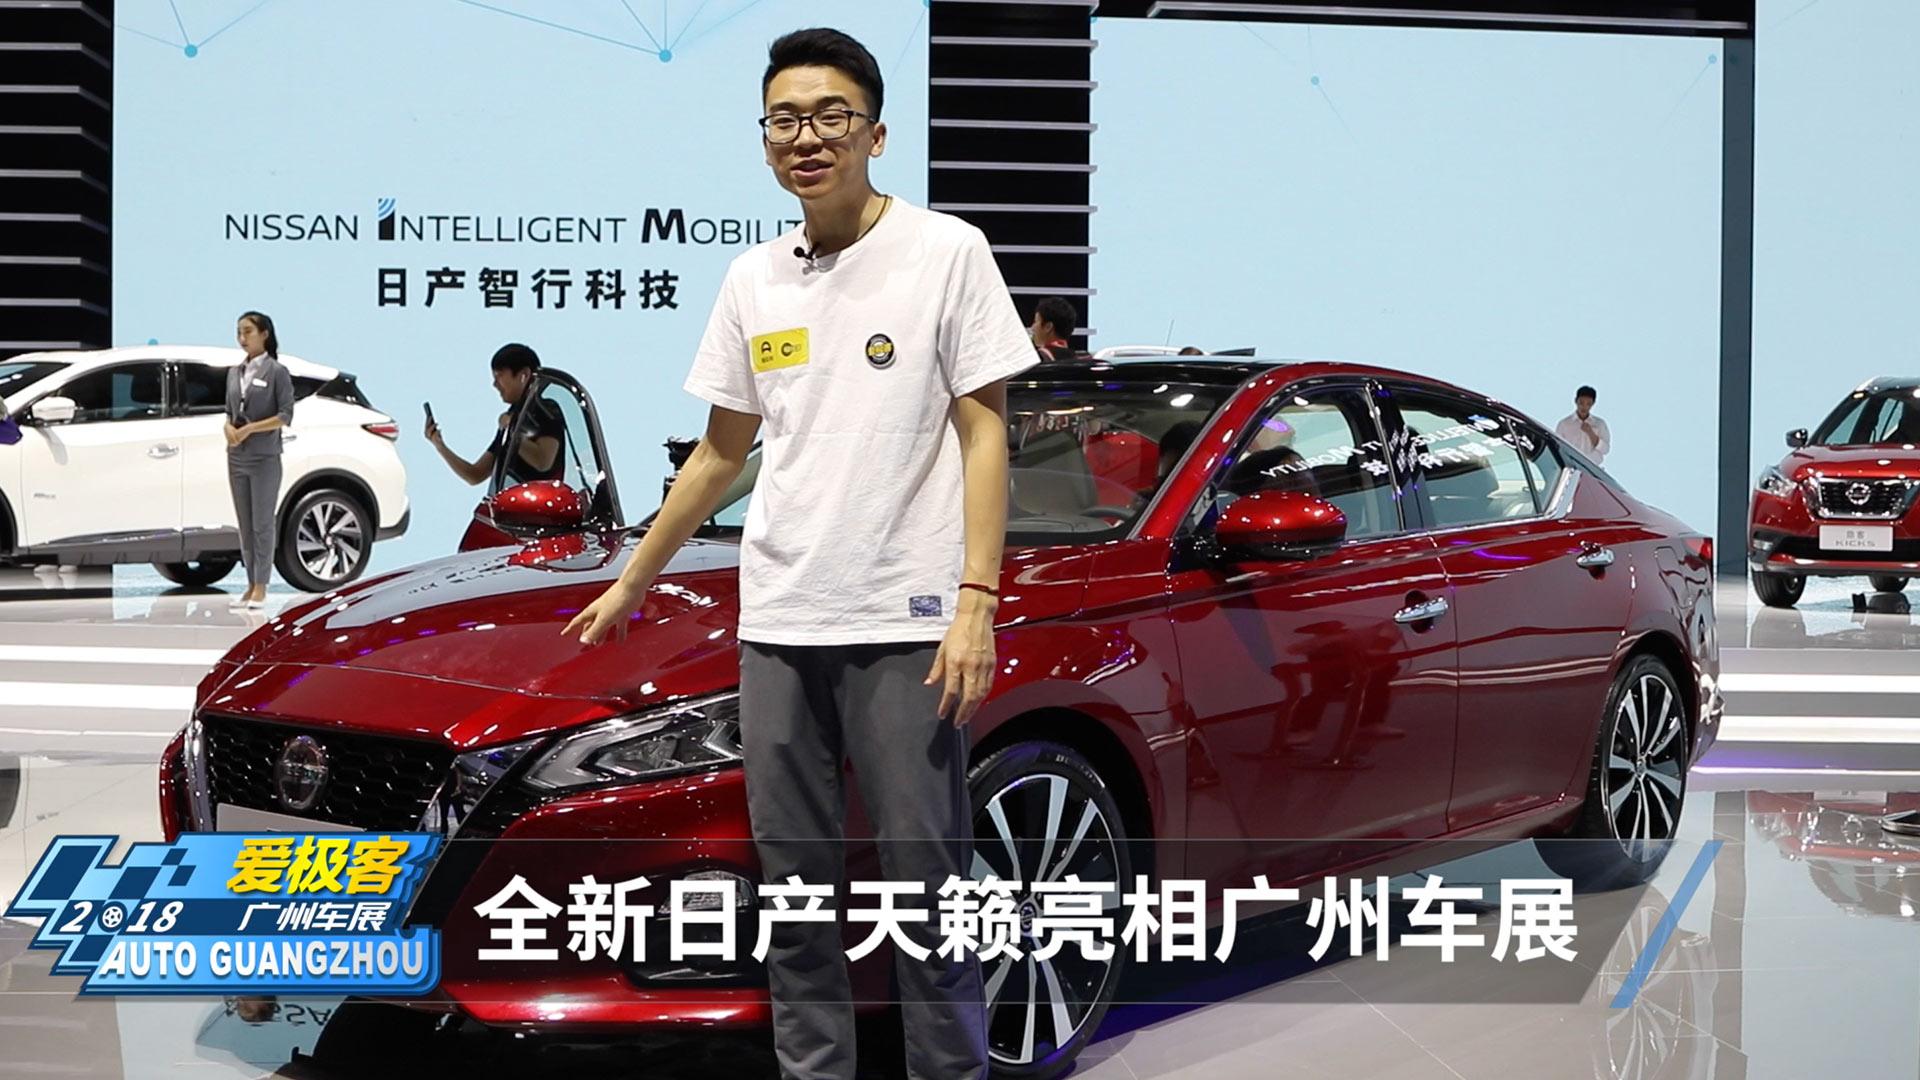 百公里加速仅6秒多!全新日产天籁亮相广州车展!